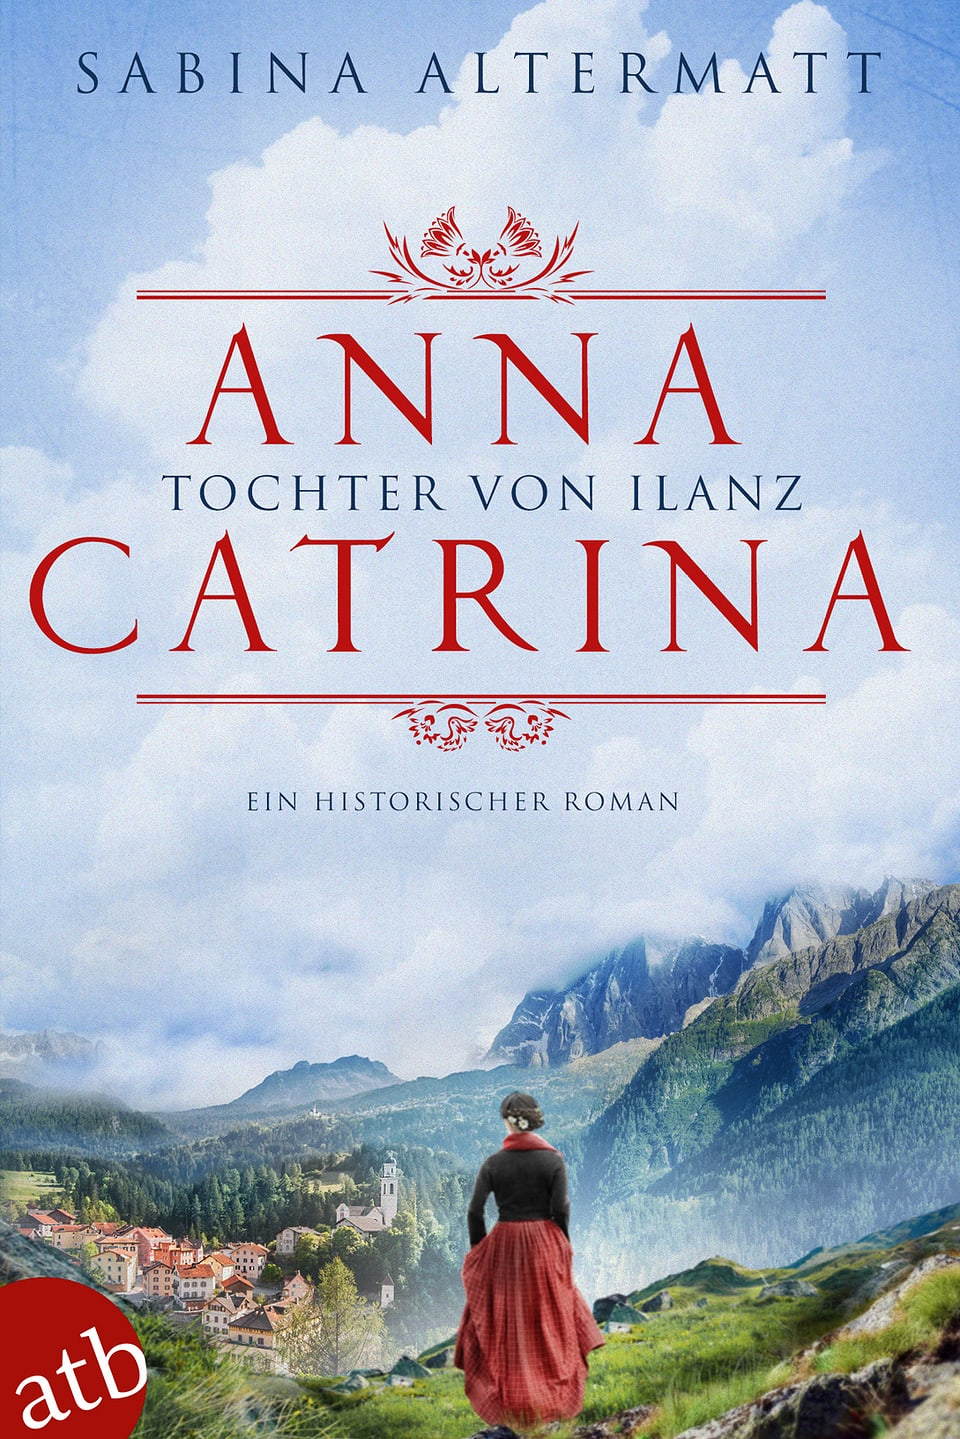 Cover dal cudesch Anna Catrina.